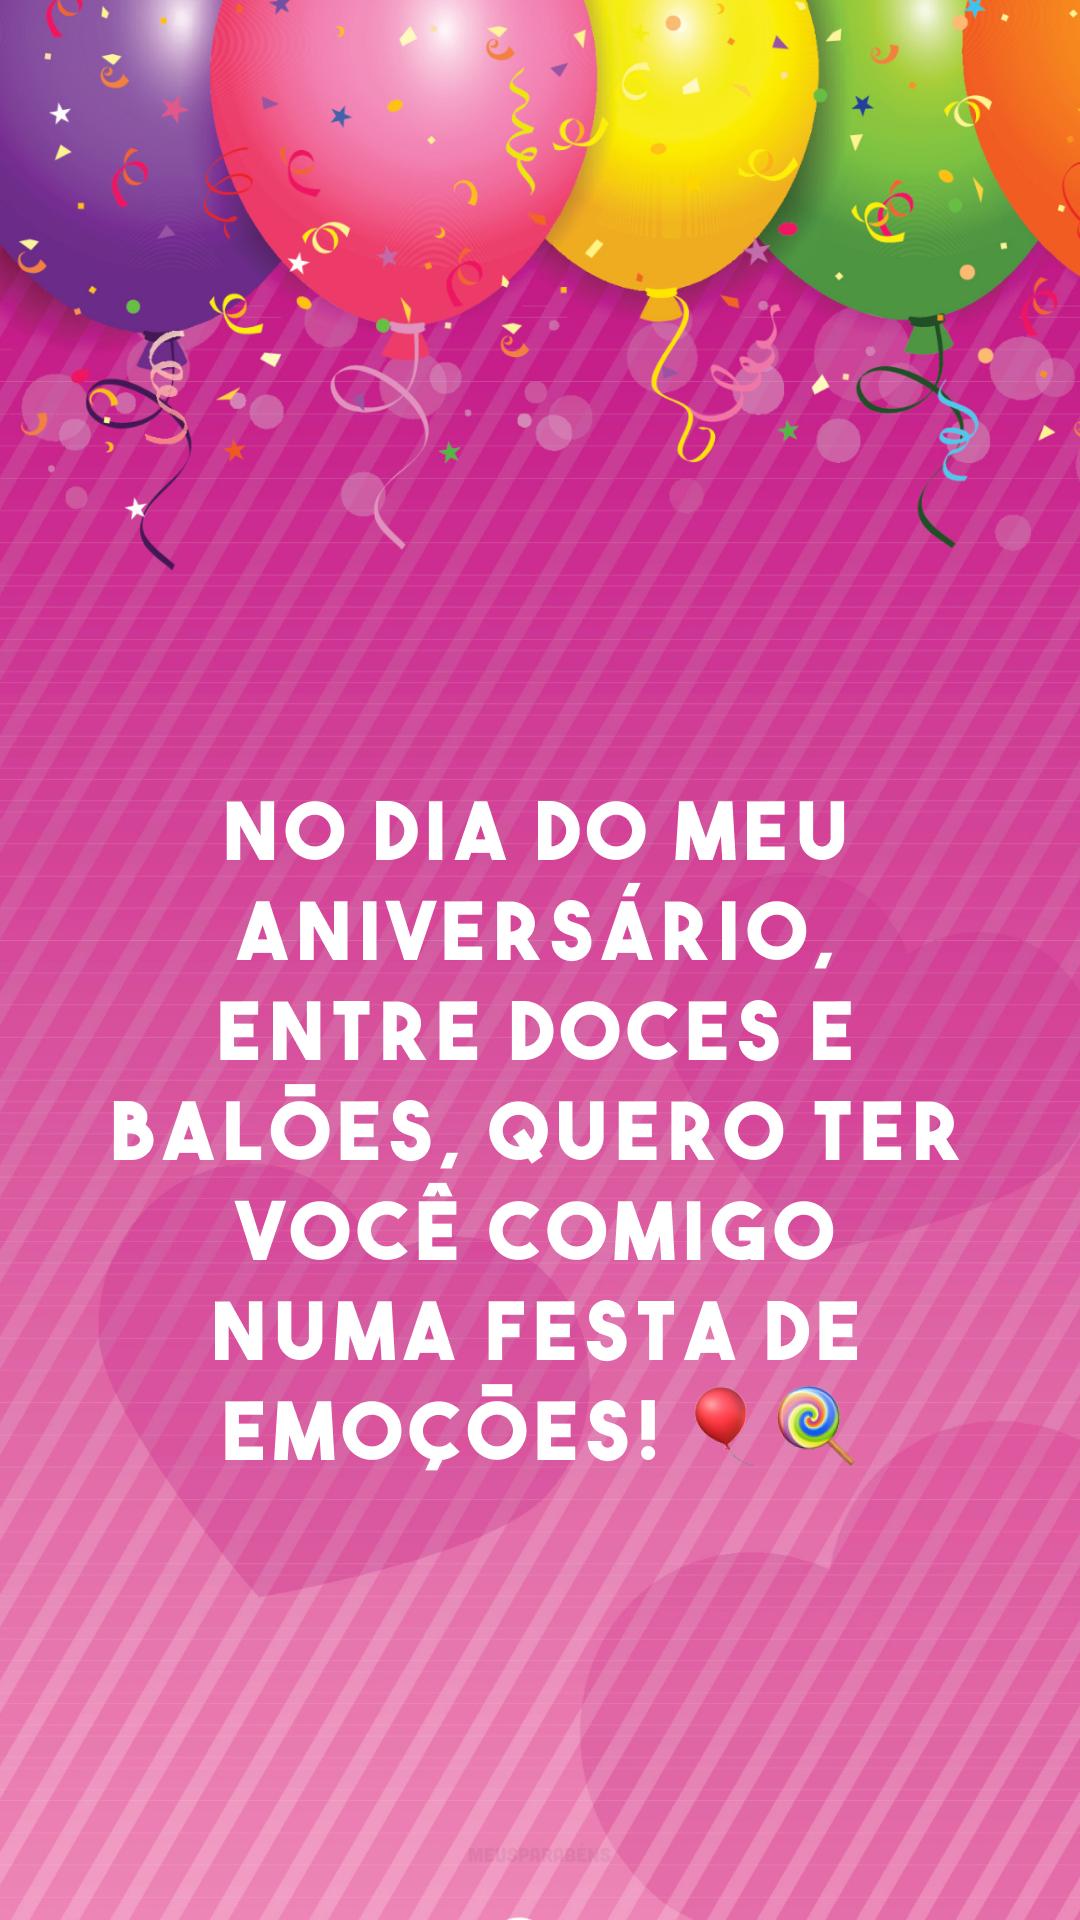 No dia do meu aniversário, entre doces e balões, quero ter você comigo numa festa de emoções! 🎈🍭